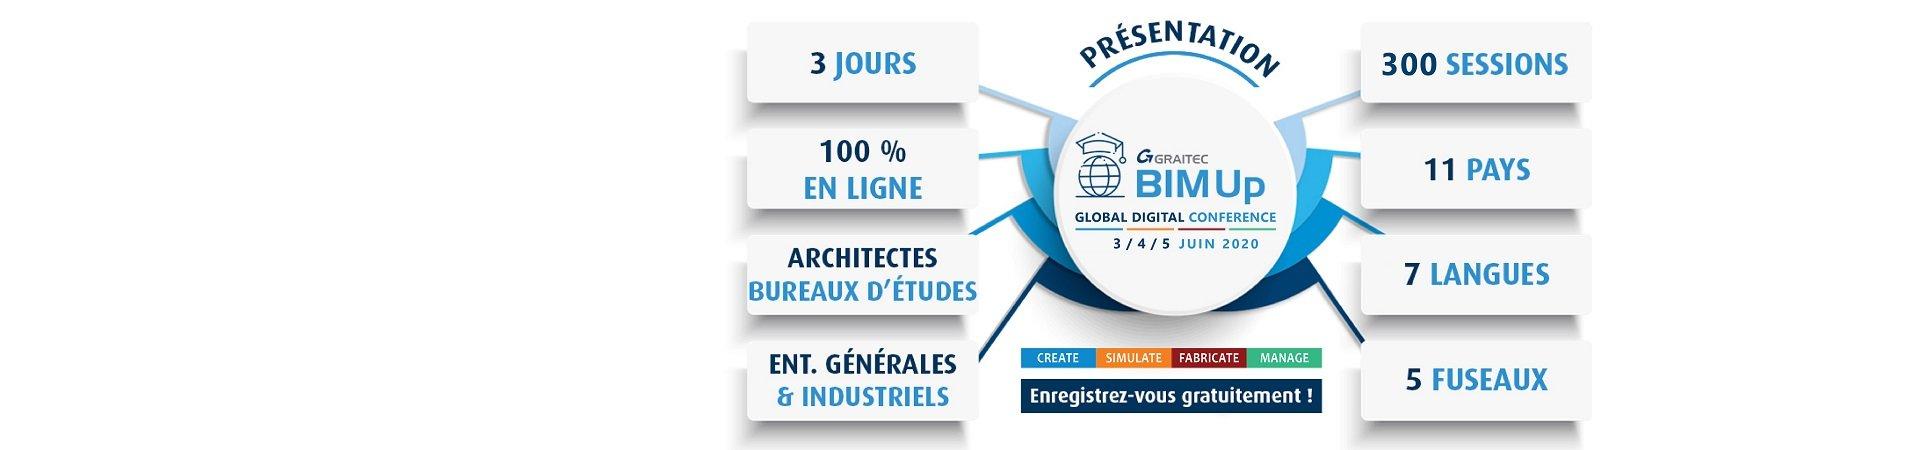 Global Digital Conference 2020